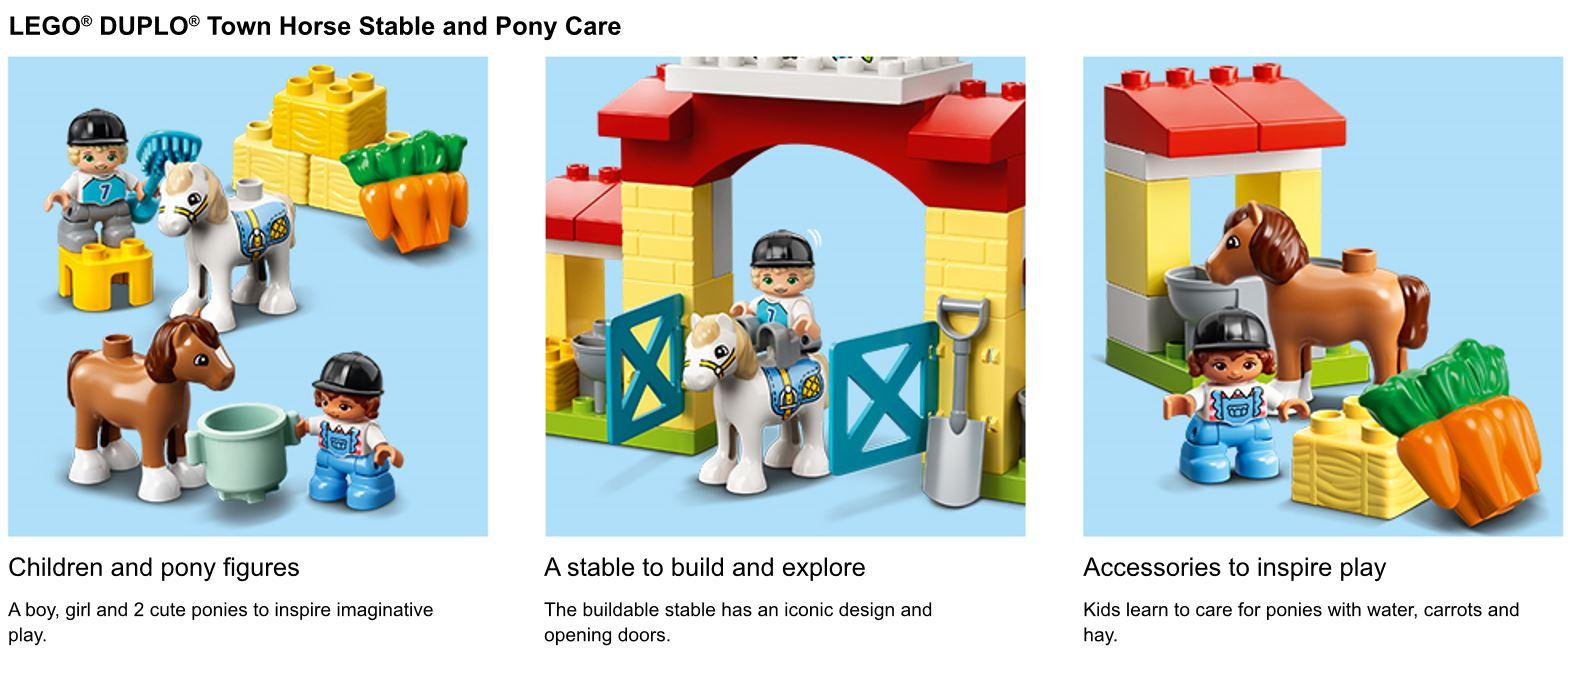 action shots of LEGO set